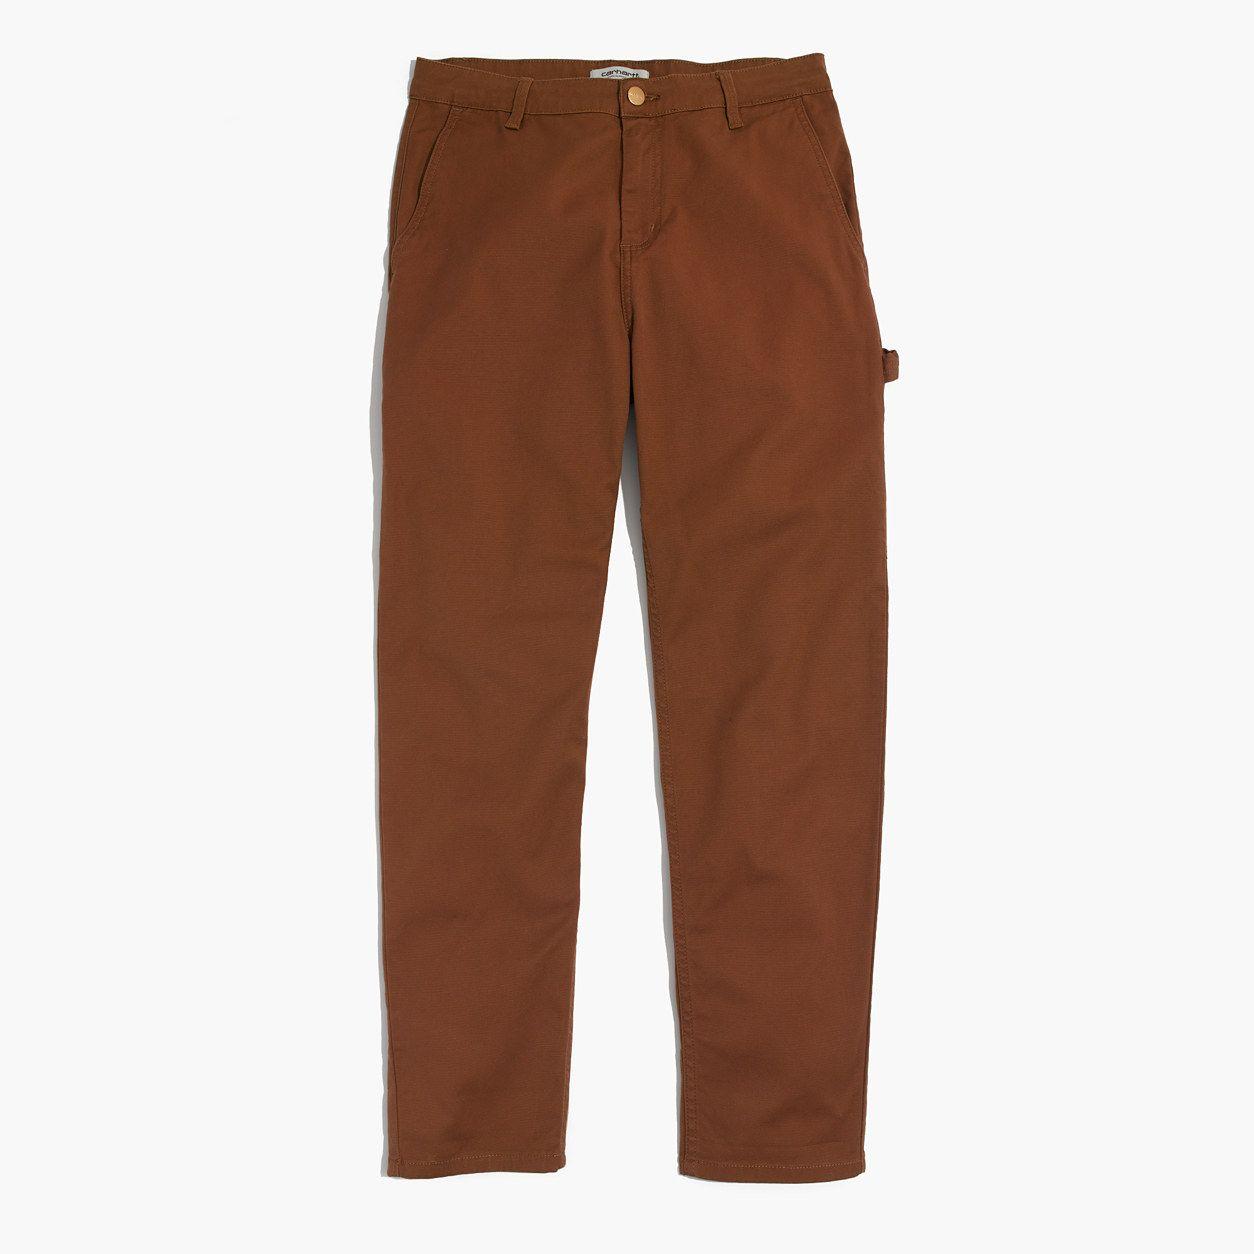 7122fc5d574f Madewell Carhartt Work In Progress Pierce Pants